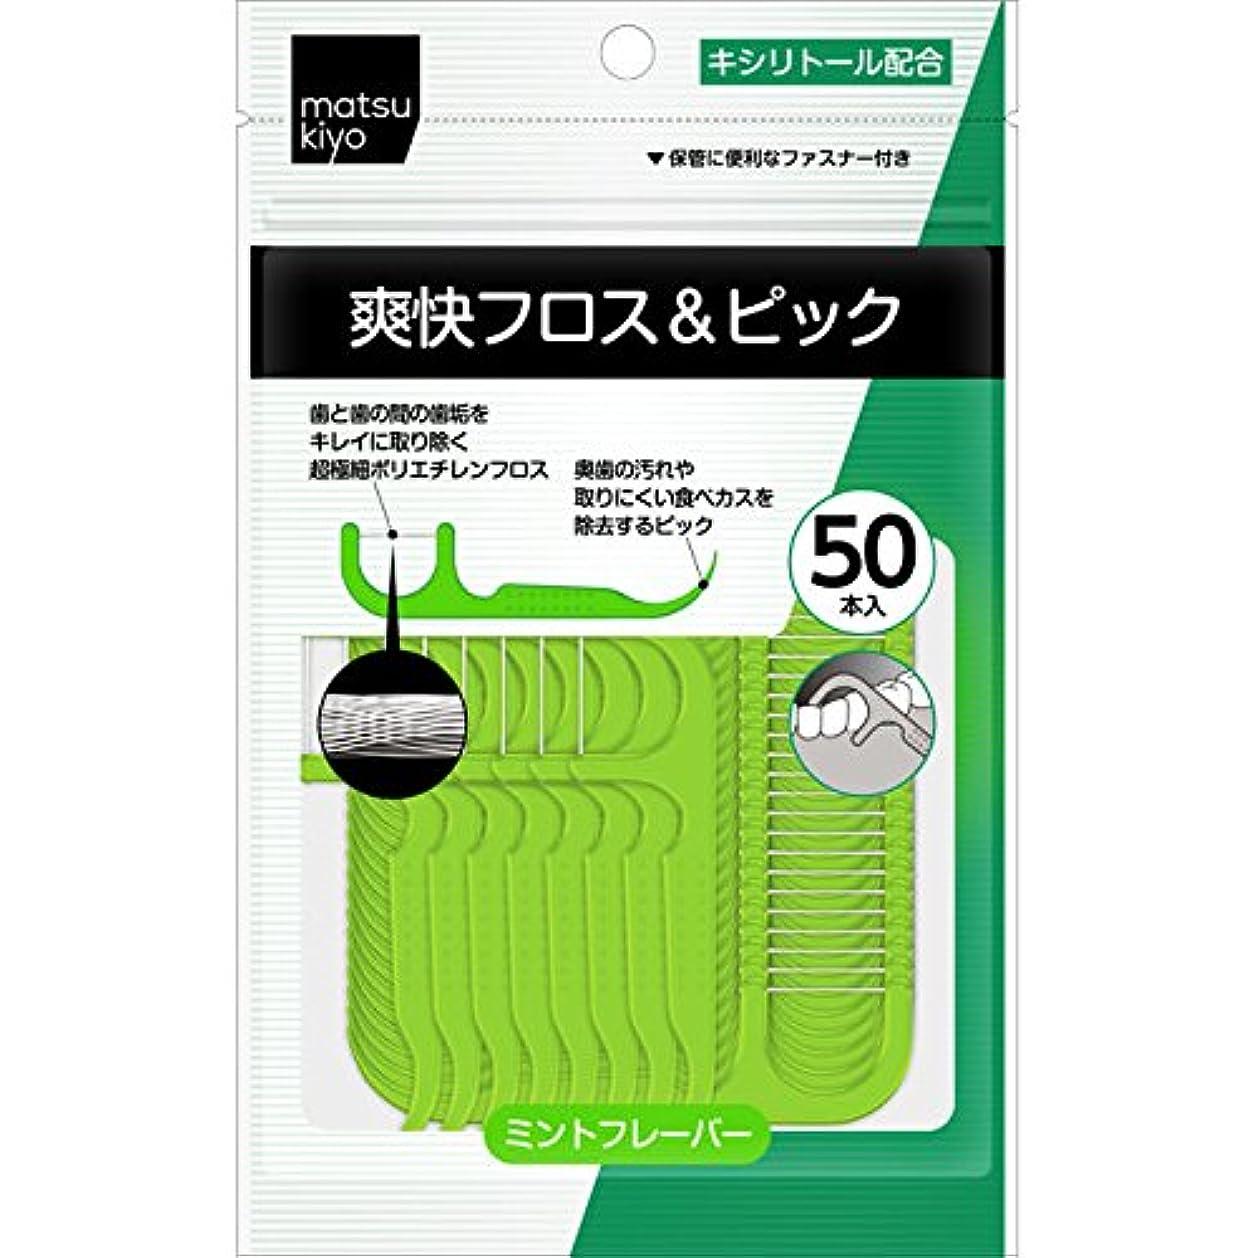 間違っている移動真っ逆さまmatsukiyo 爽快フロス&ピック 50本